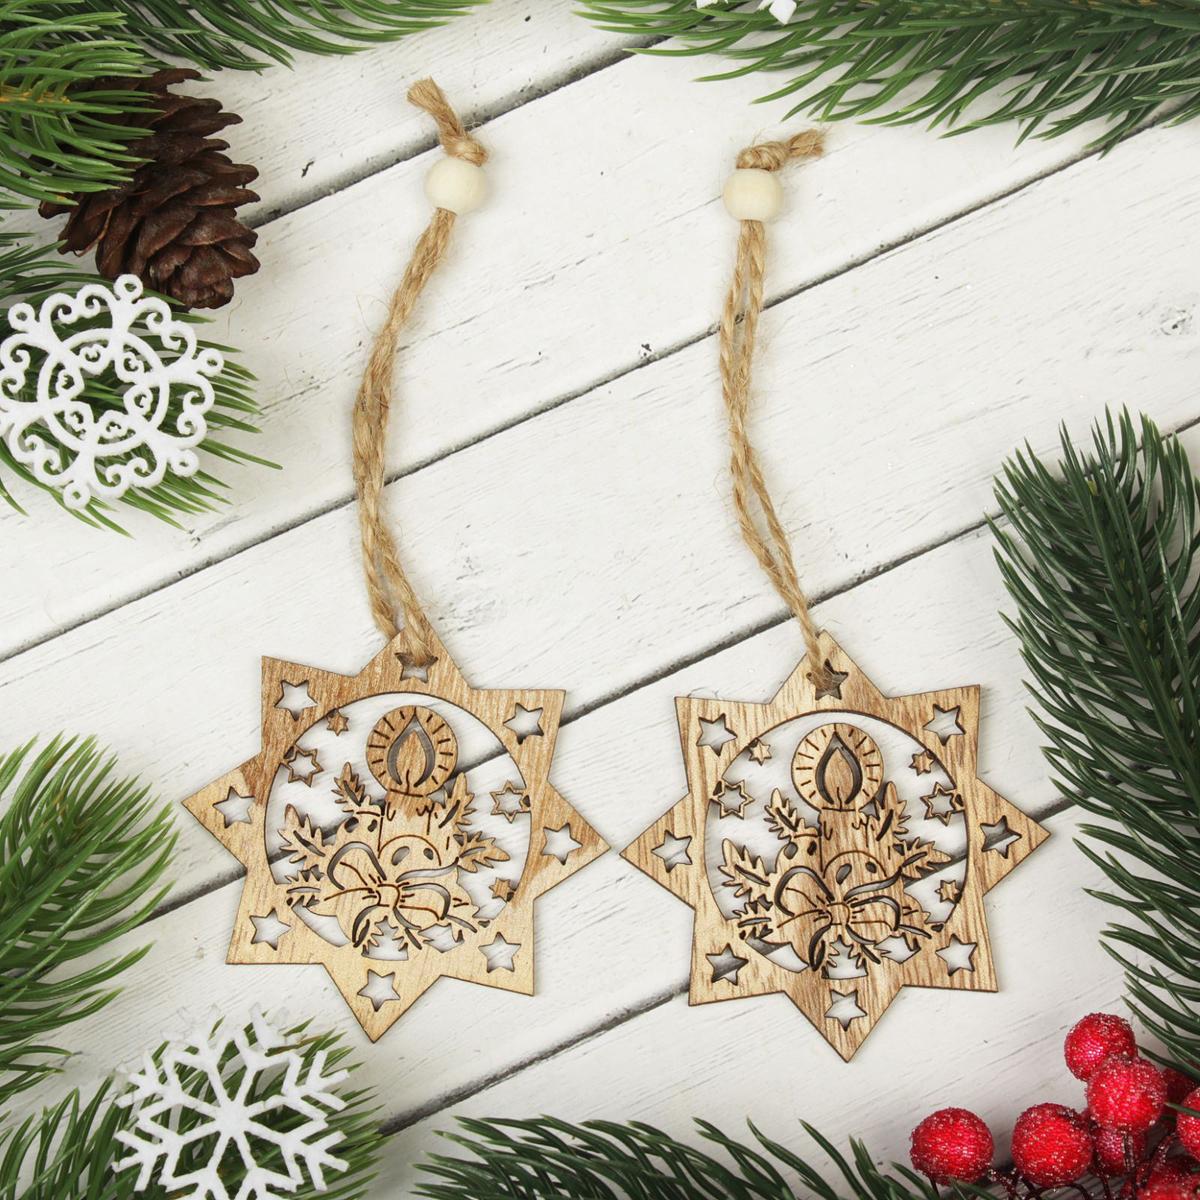 Украшение новогоднее подвесное Праздничная свеча, 2 шт2303259Набор новогодних подвесных украшений, выполненных из дерева, отлично подойдет для декорации вашего дома и новогодней ели. С помощью специальной петельки украшение можно повесить в любом понравившемся вам месте. Но, конечно, удачнее всего оно будет смотреться на праздничной елке.Елочная игрушка - символ Нового года. Она несет в себе волшебство и красоту праздника. Такое украшение создаст в вашем доме атмосферу праздника, веселья и радости.В комплекте 2 украшения.